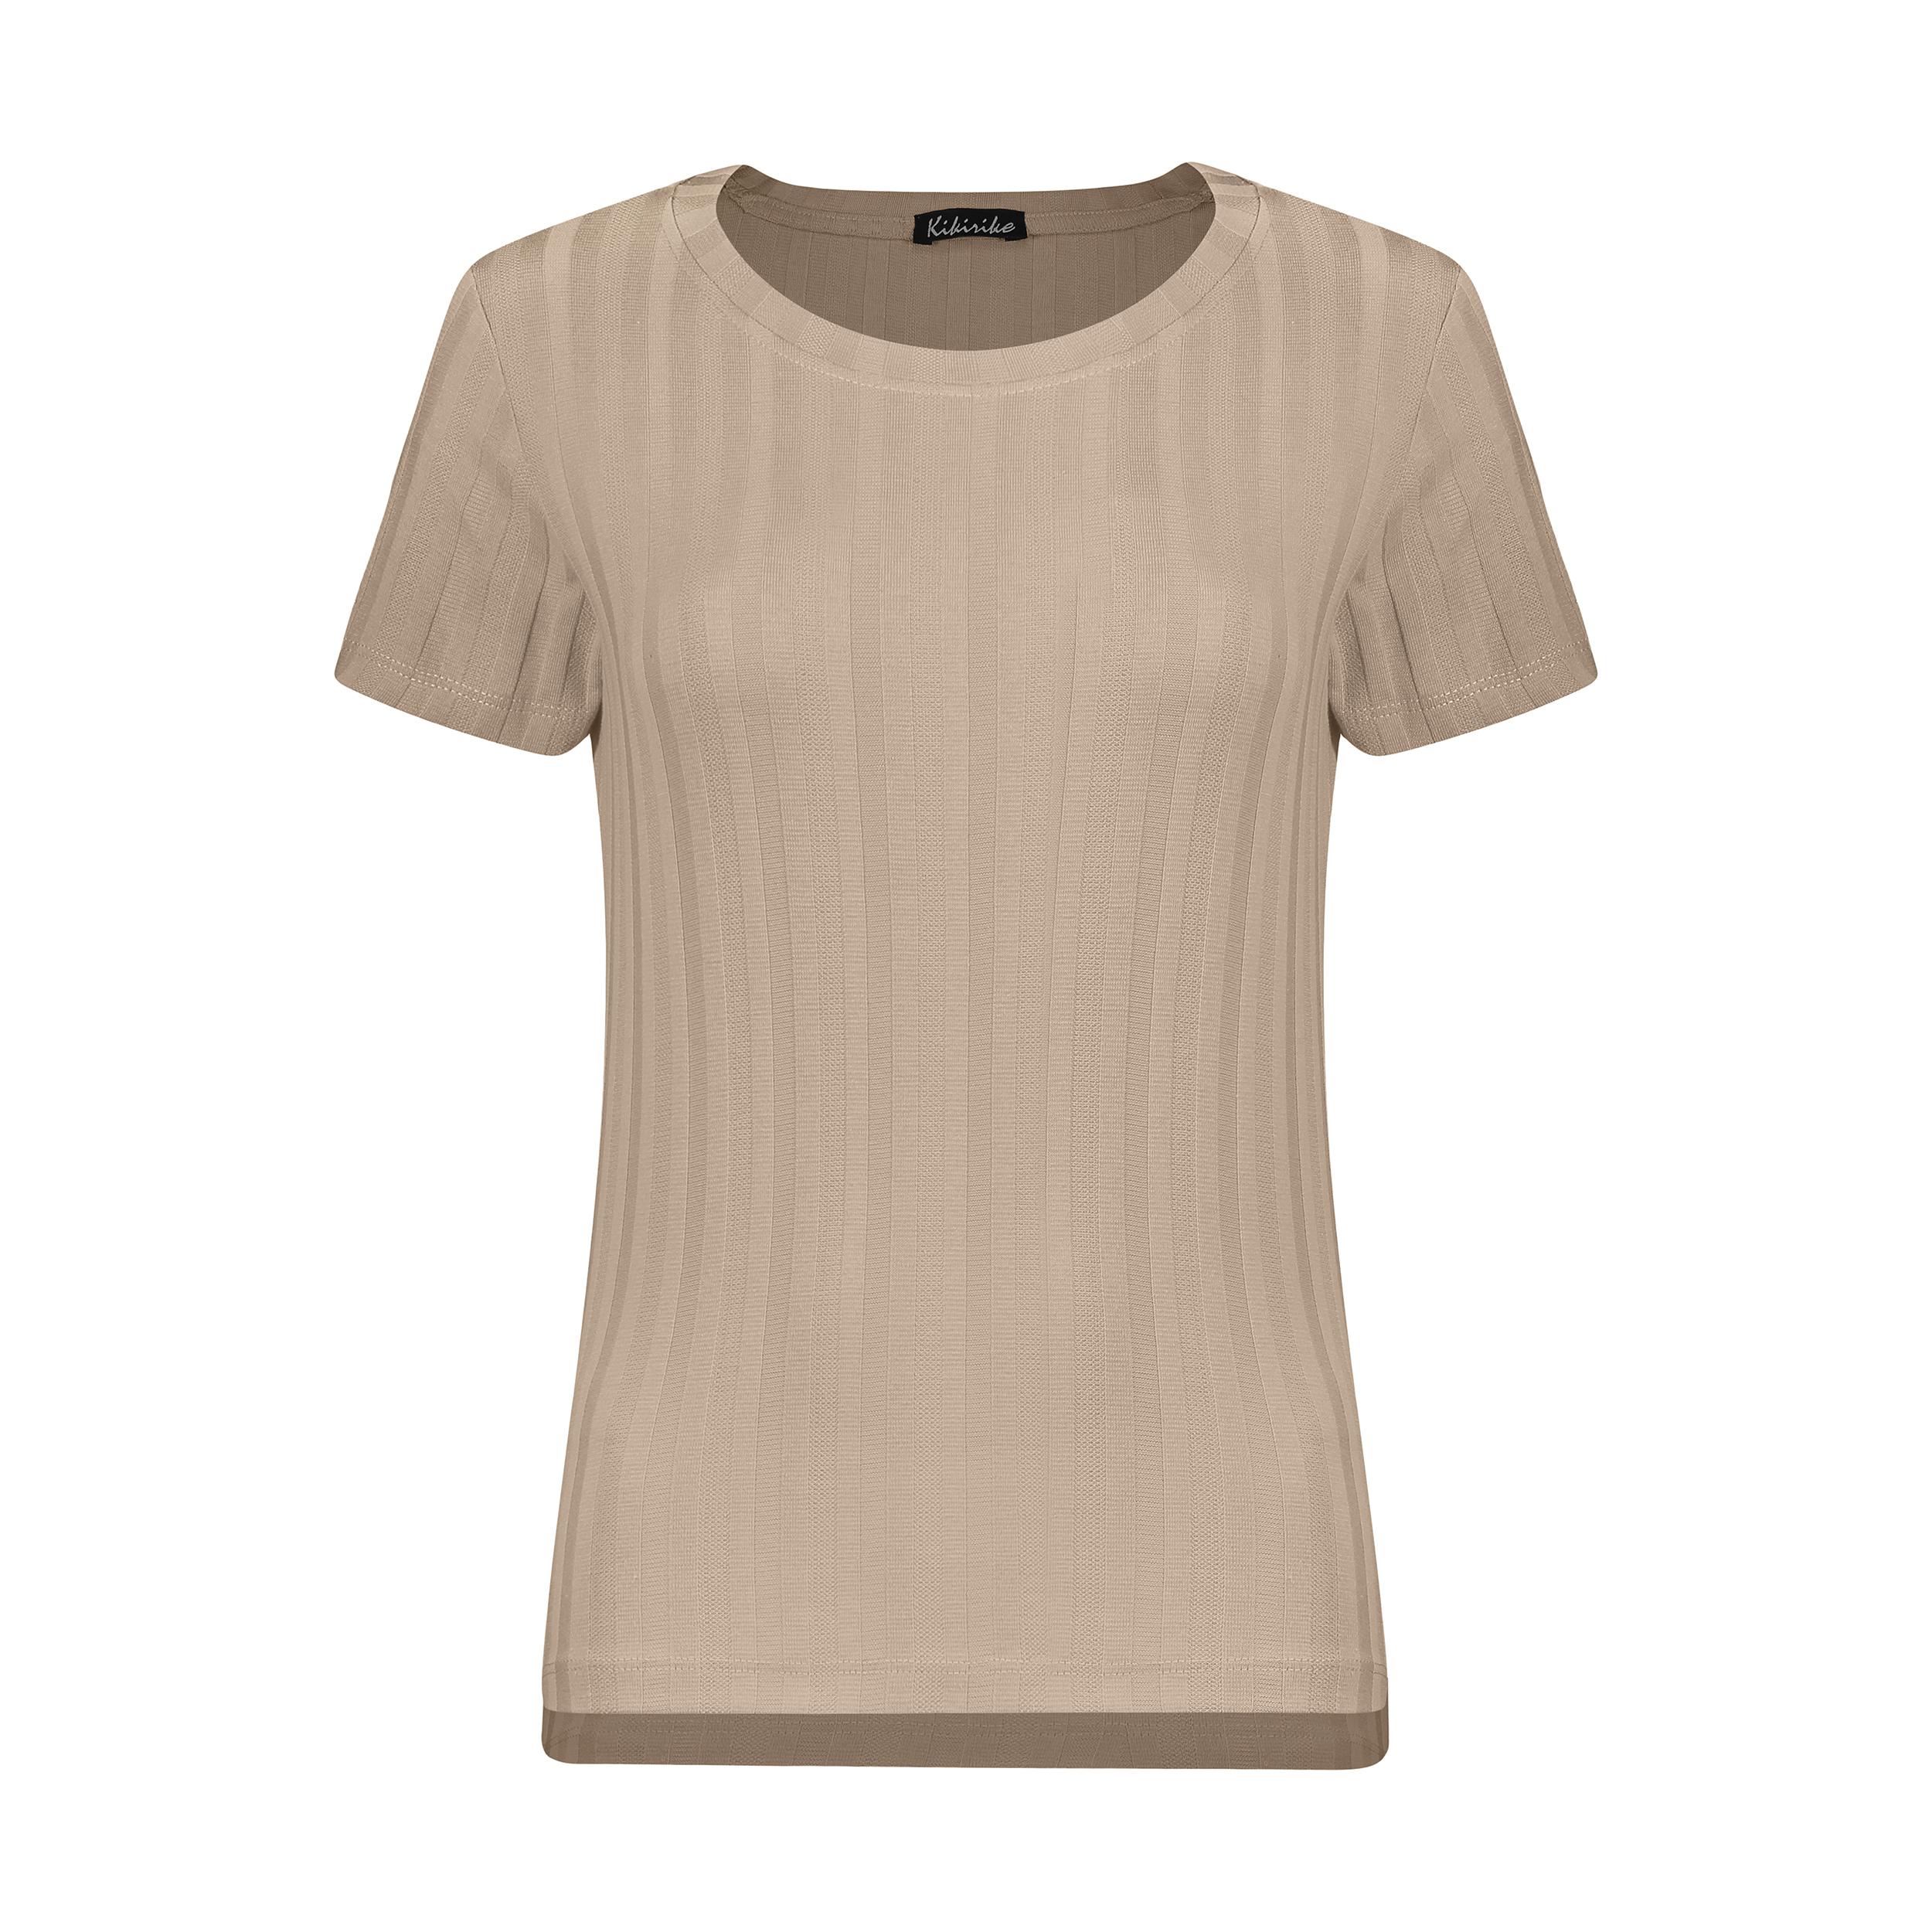 تی شرت زنانه کیکی رایکی مدل BB2507-055